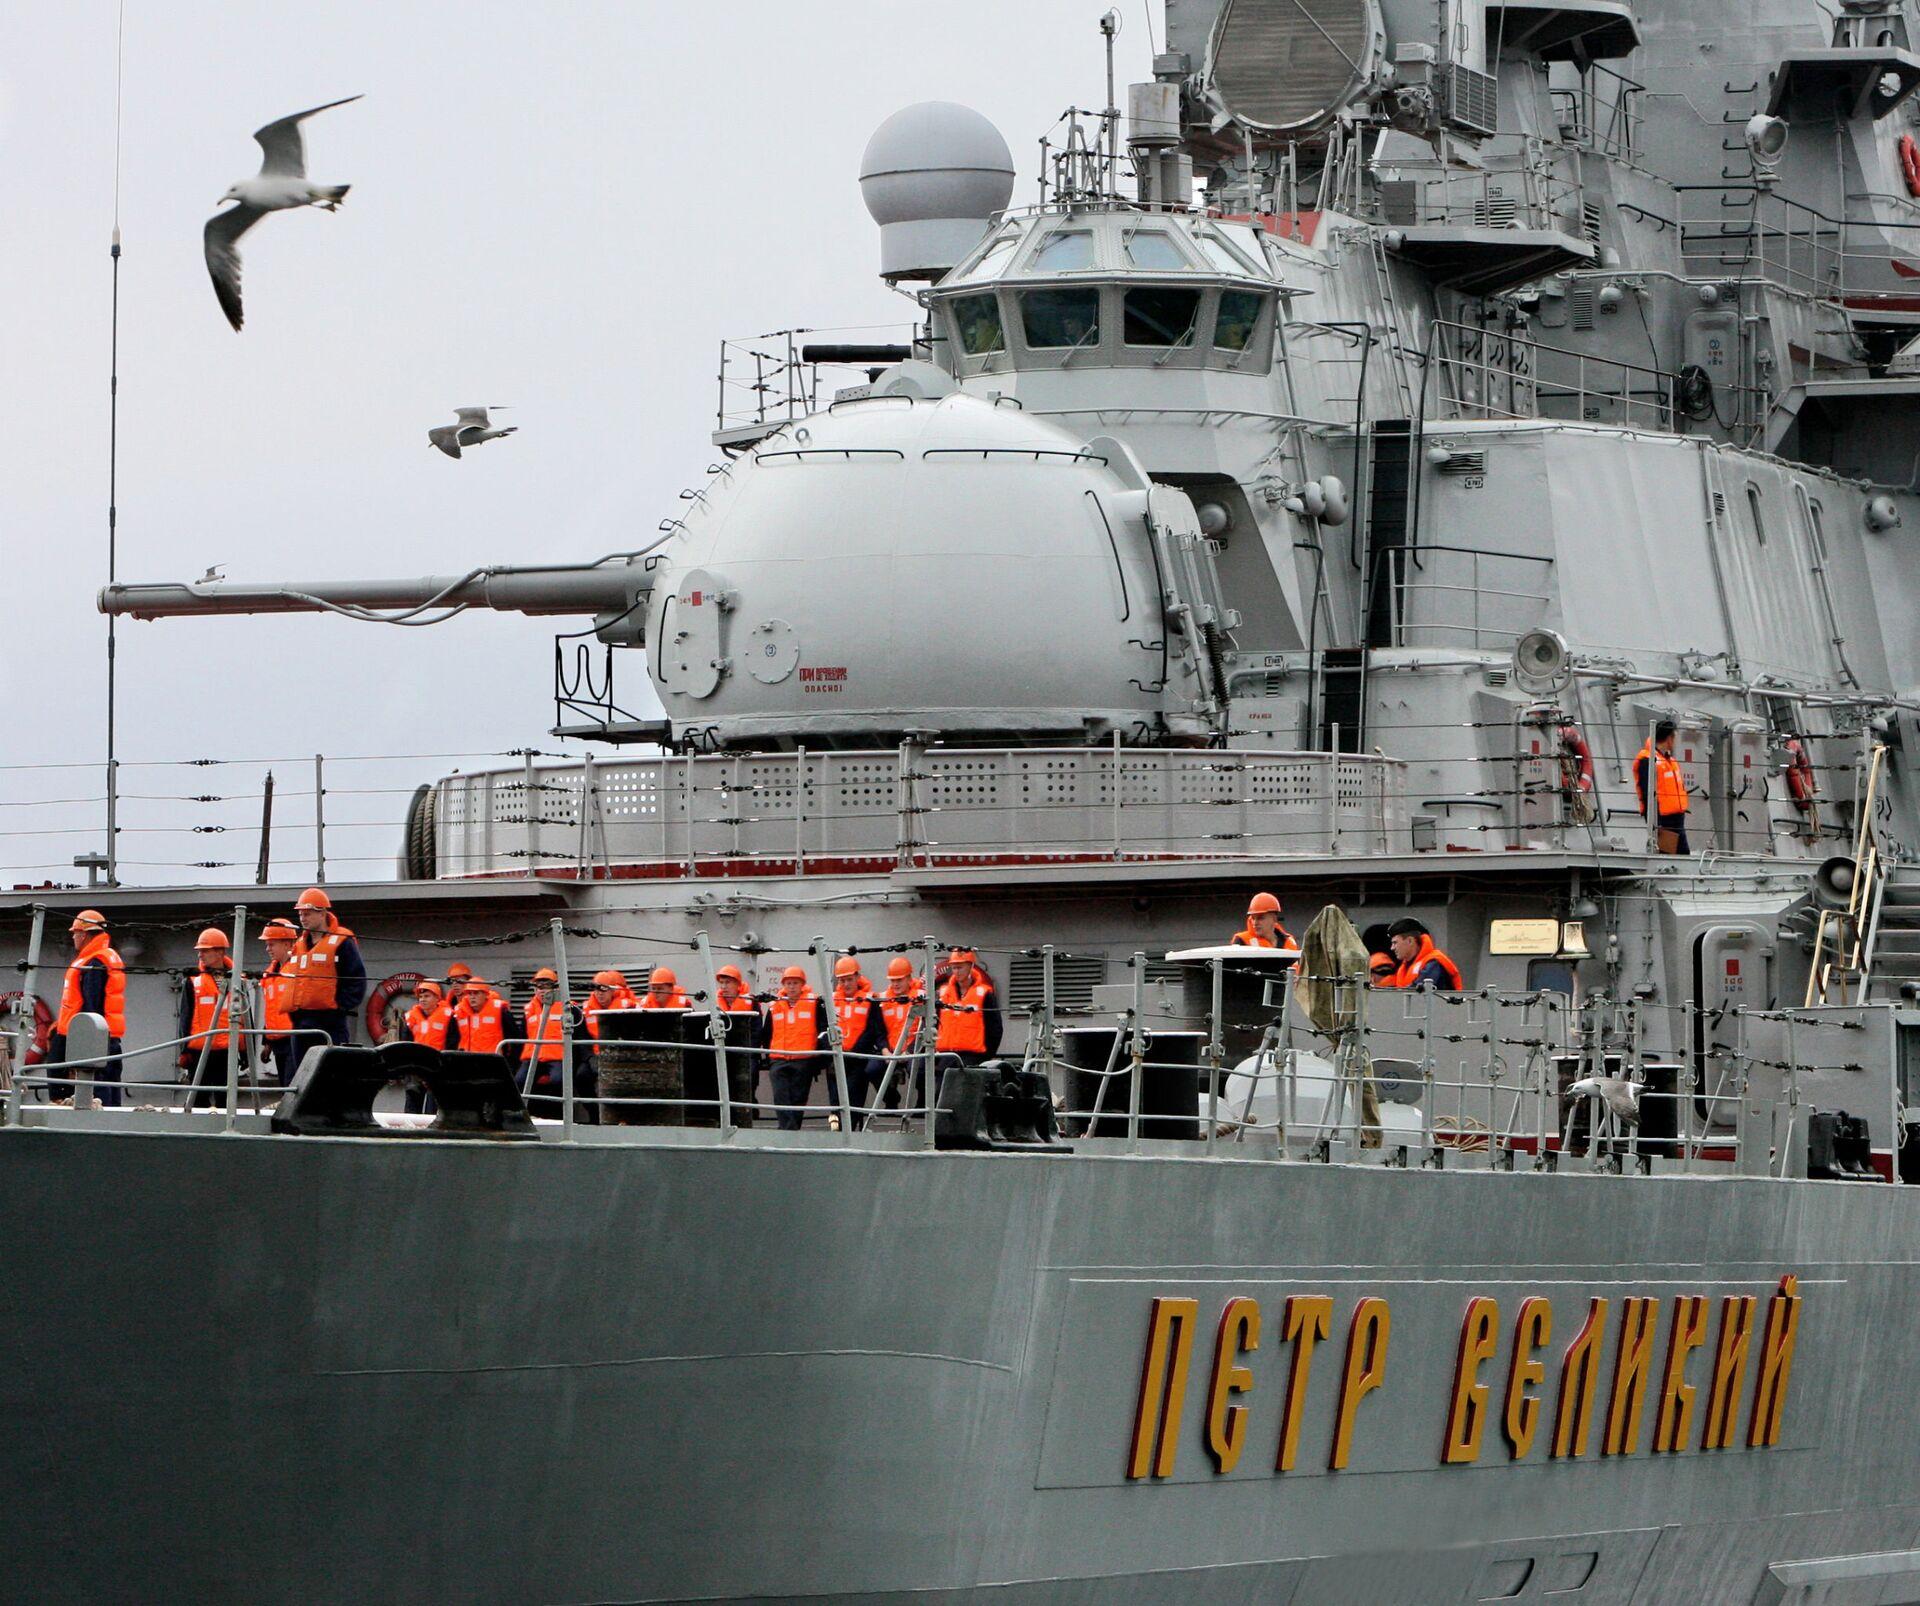 Pięć najpotężniejszych okrętów rosyjskiej marynarki wojennej - foto - Sputnik Polska, 1920, 24.03.2021